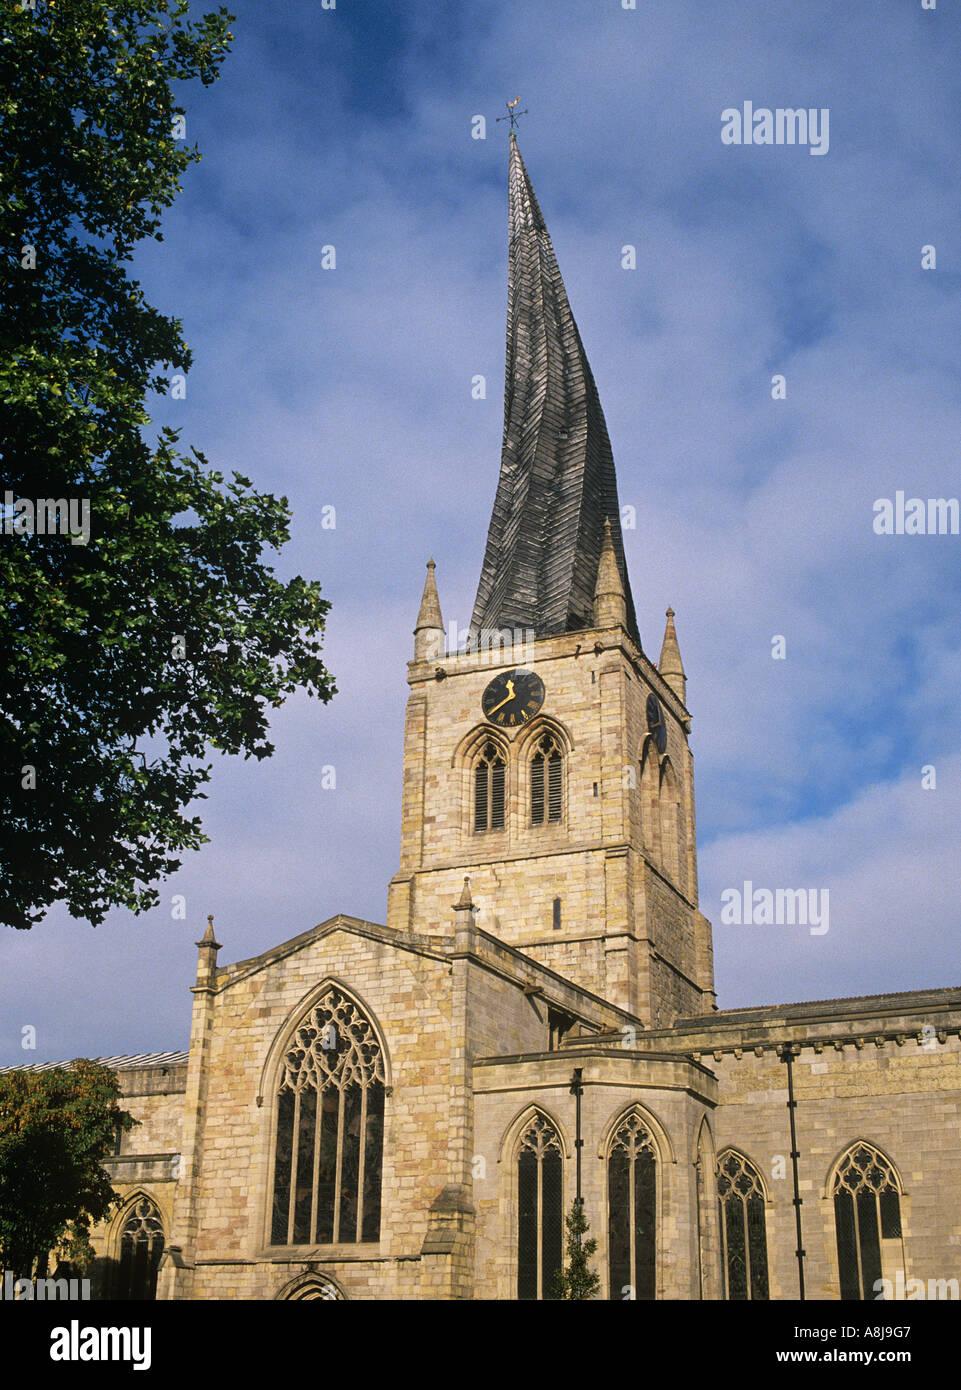 La twisted campanile della chiesa di Santa Maria e di tutti i santi a Chesterfield Immagini Stock